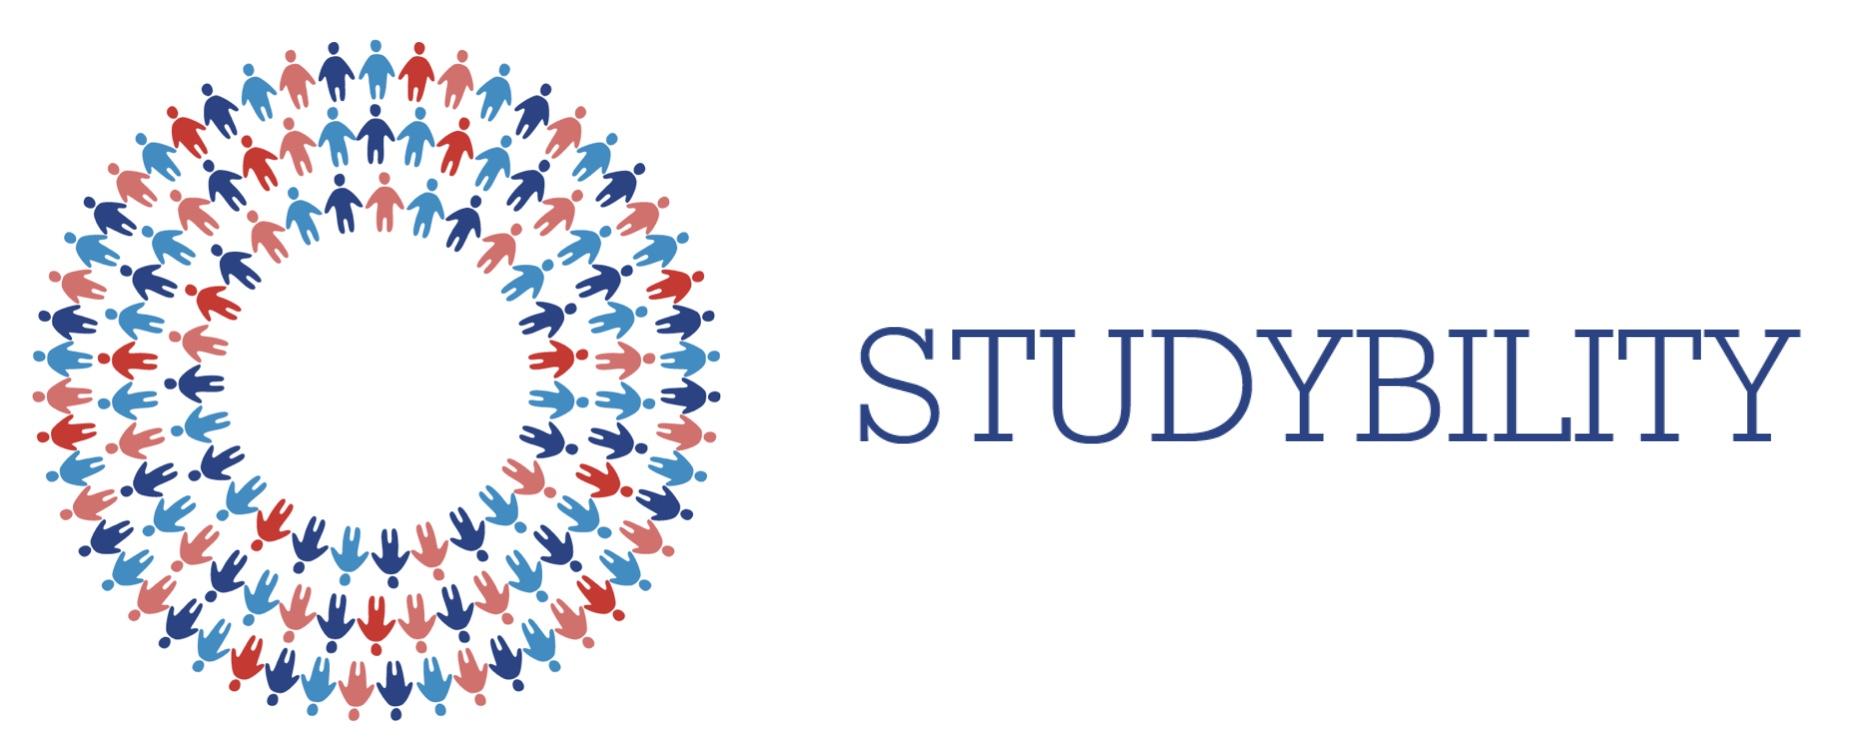 Studybility